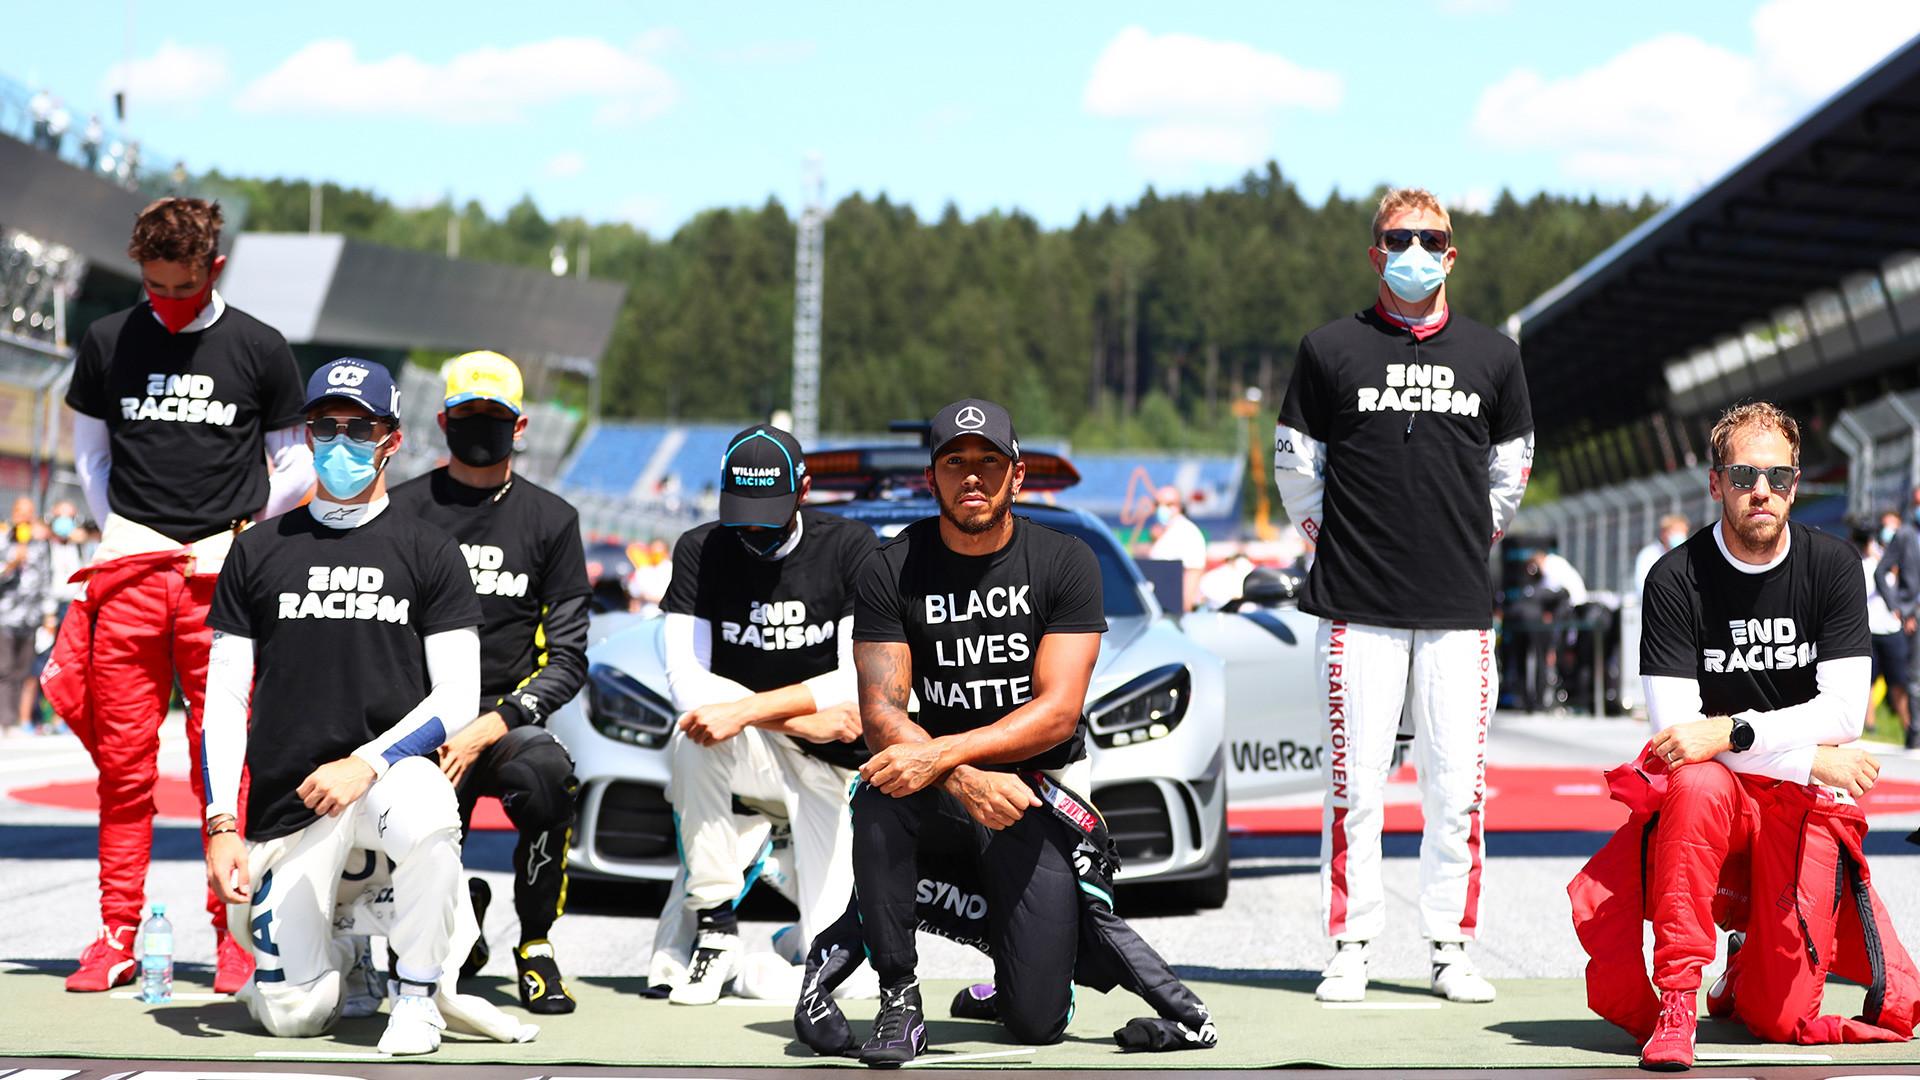 Des pilotes soutiennent le mouvement Black Lives Matter avant le Grand Prix automobile d'Autriche, le dimanche 5 juillet 2020.